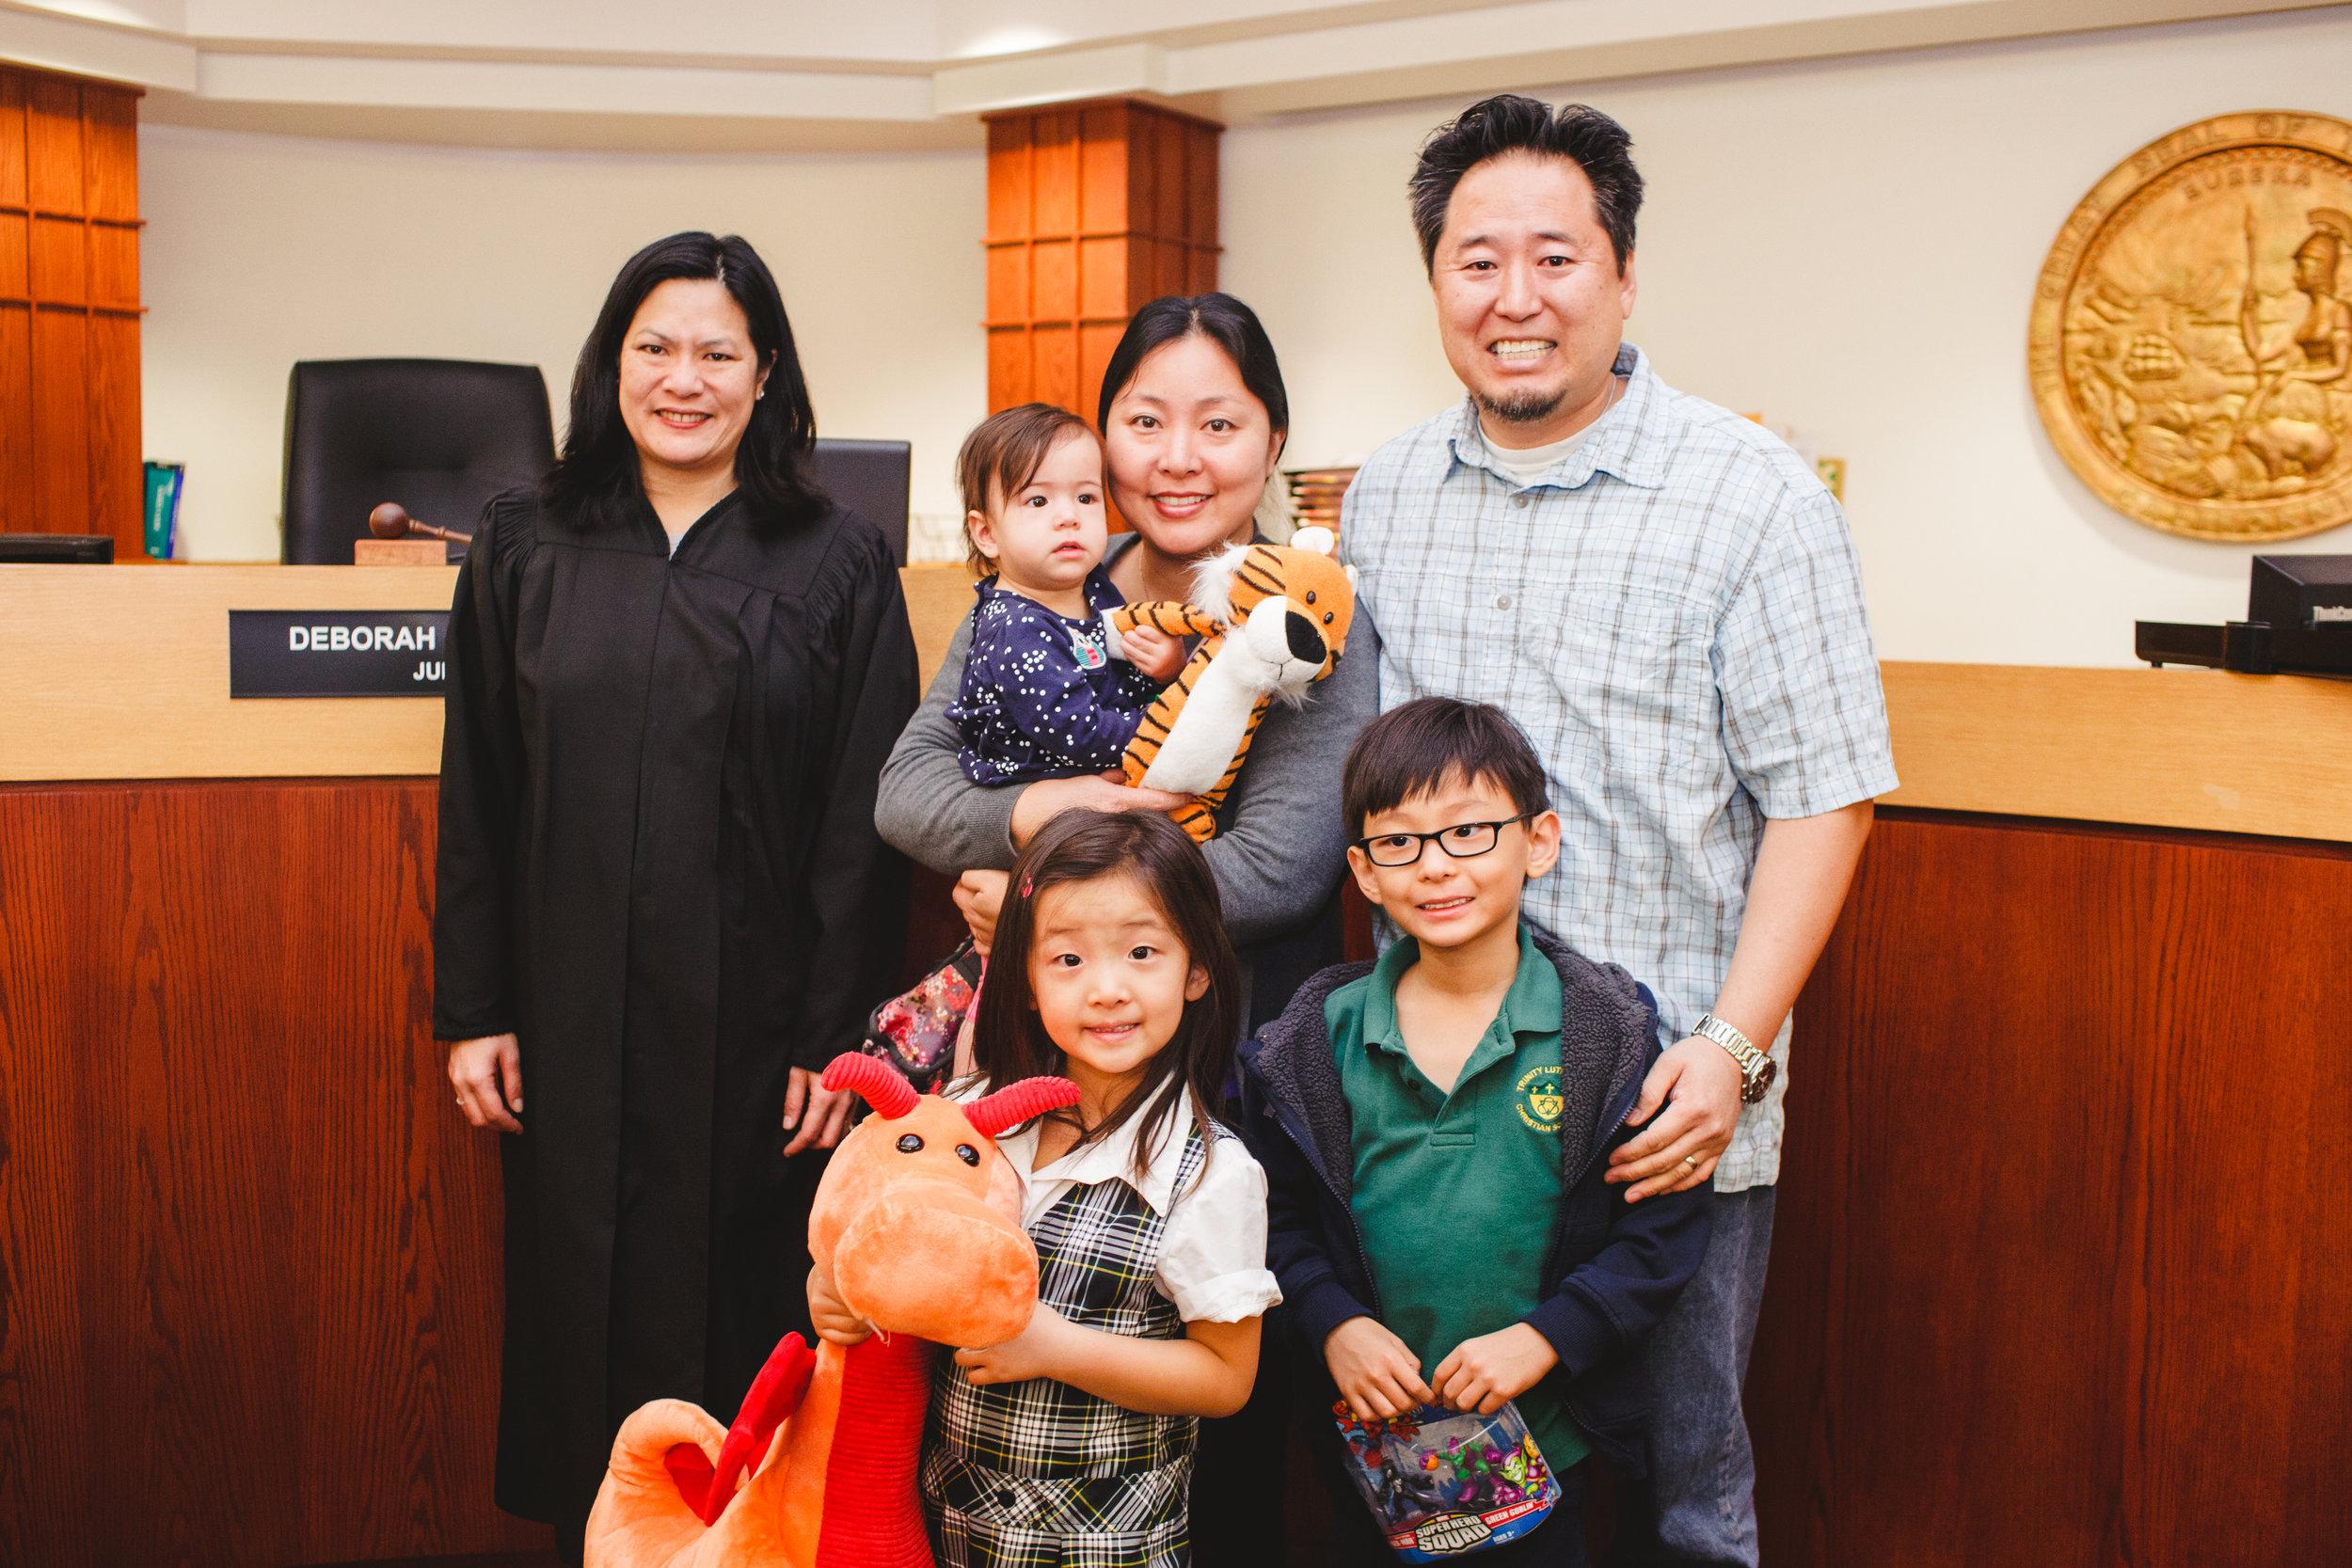 Orange County Courthouse Adoption